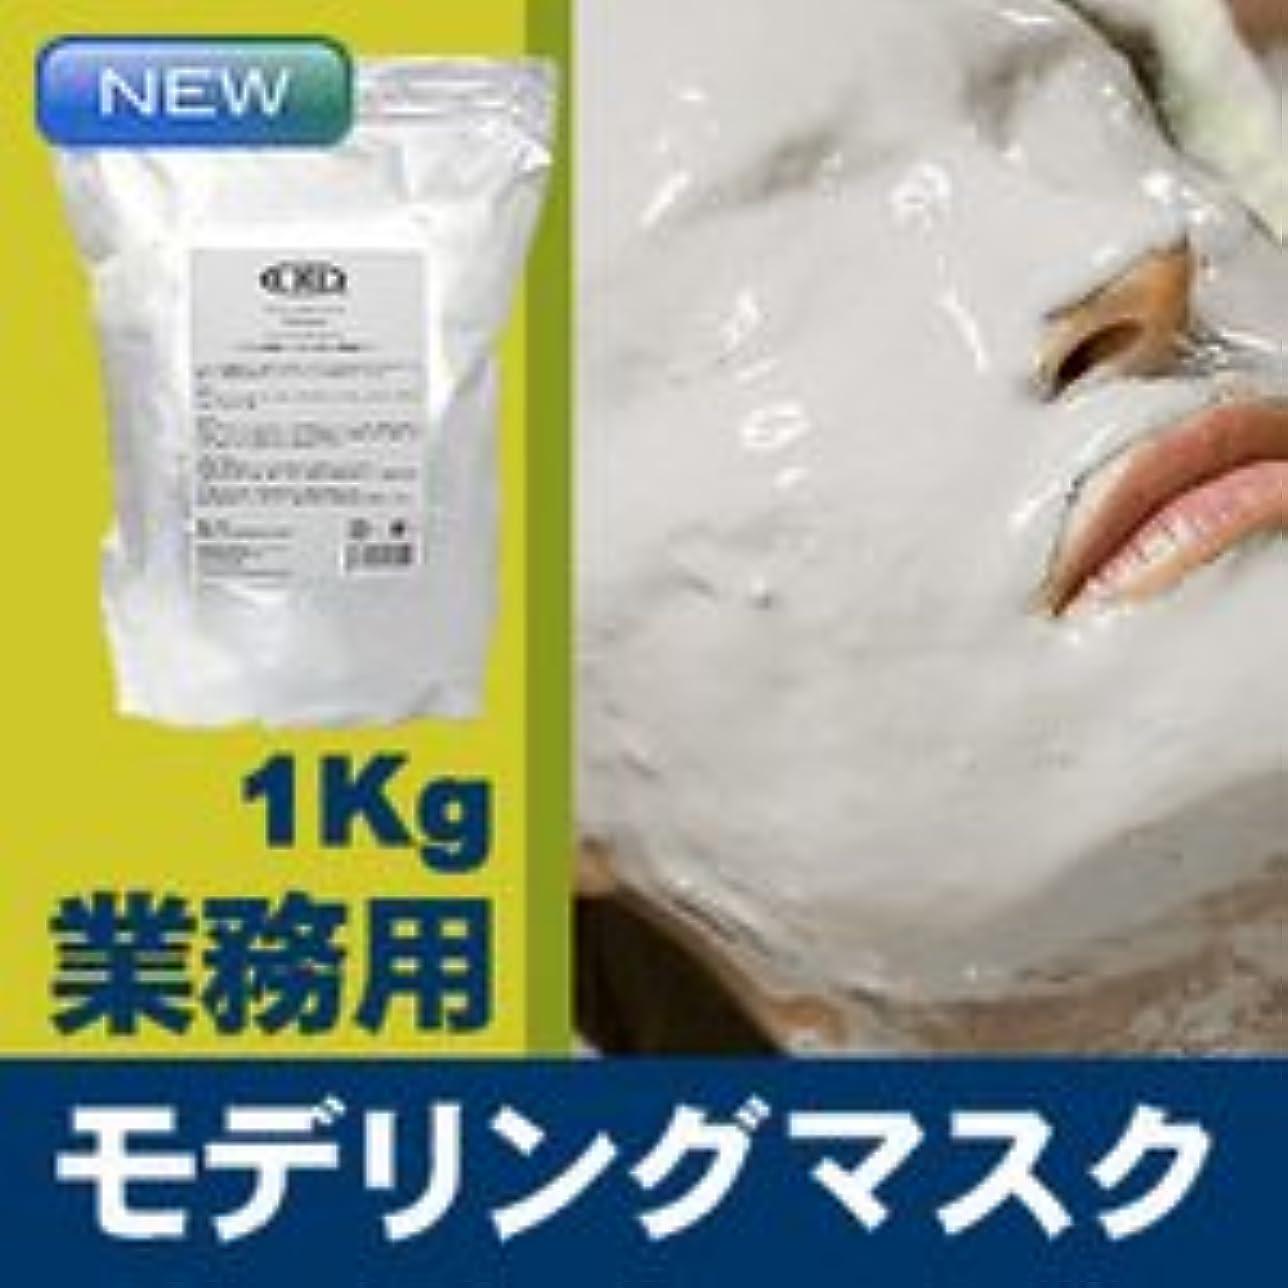 登録保証ワットモデリングマスク 1Kg 18種類のアミノ酸配合(シャイニングシルバー) / フェイスマスク?パック 【ピールオフマスク】